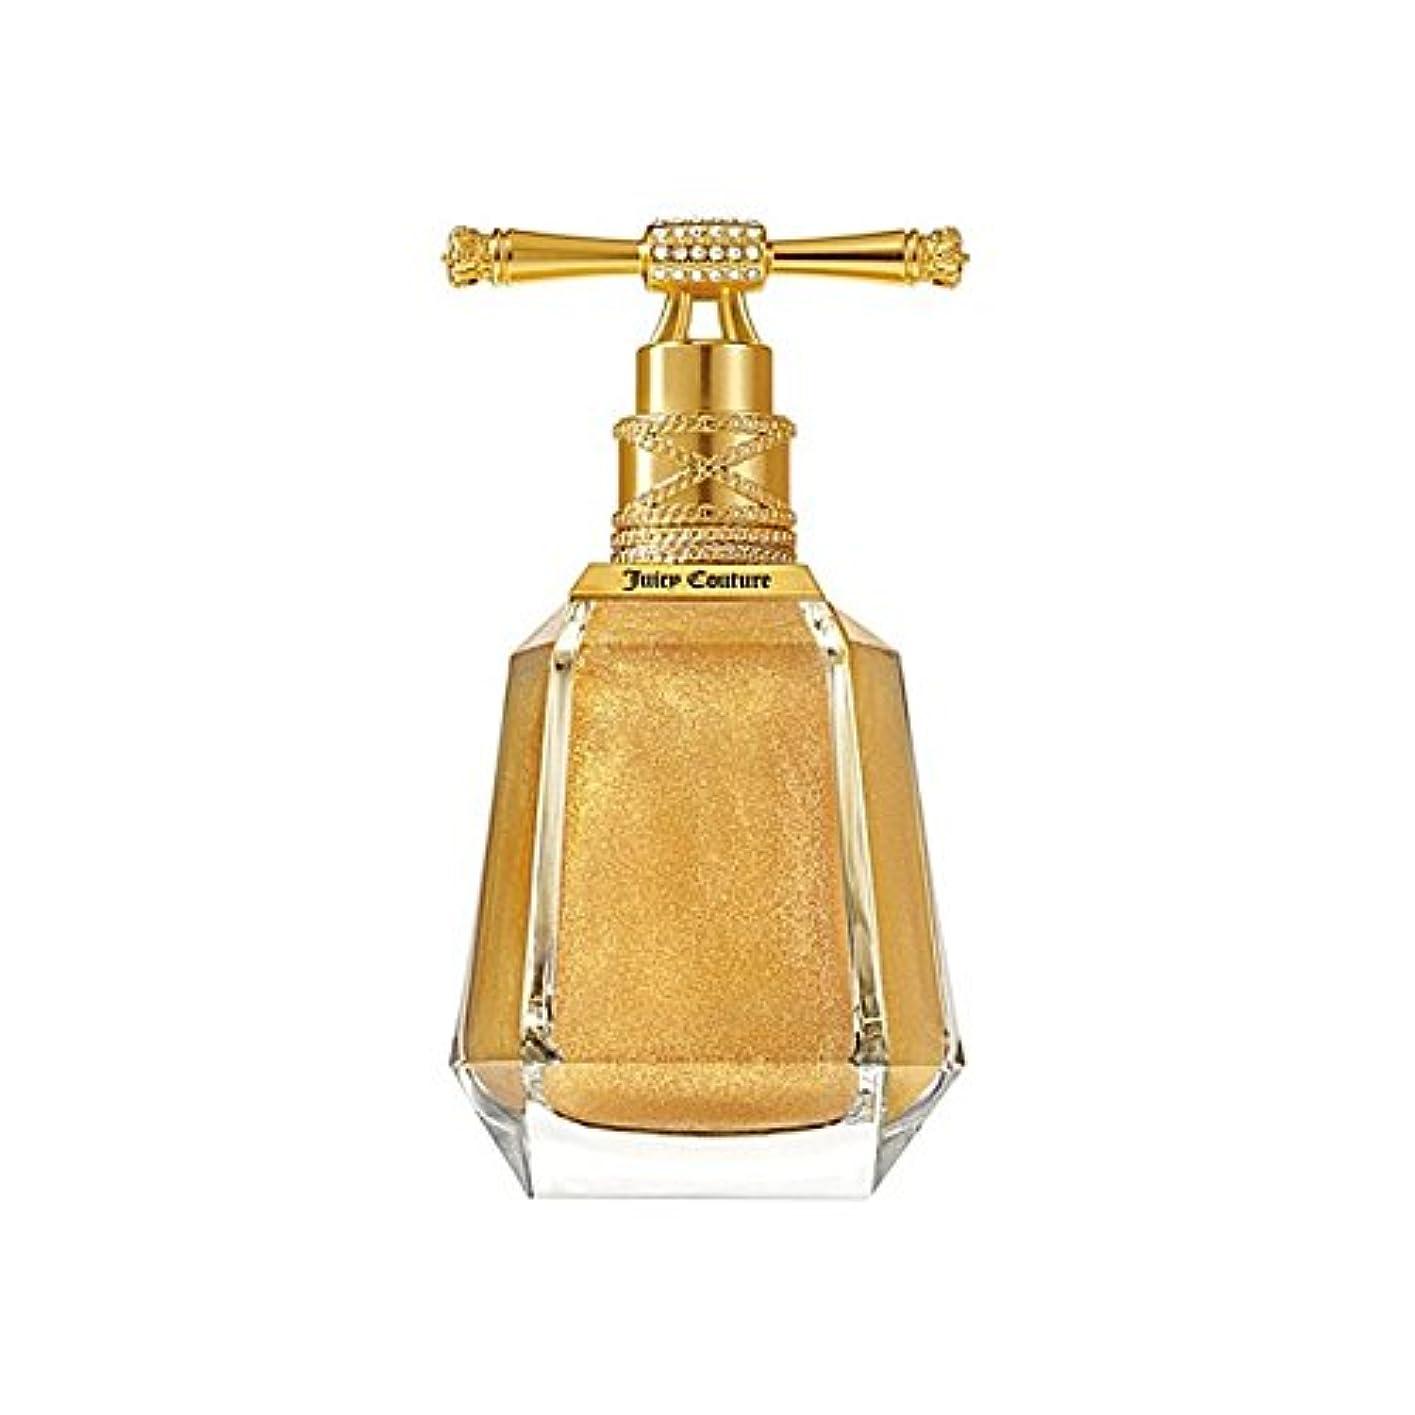 ジューシークチュールドライオイルきらめきミスト100ミリリットル x4 - Juicy Couture Dry Oil Shimmer Mist 100ml (Pack of 4) [並行輸入品]